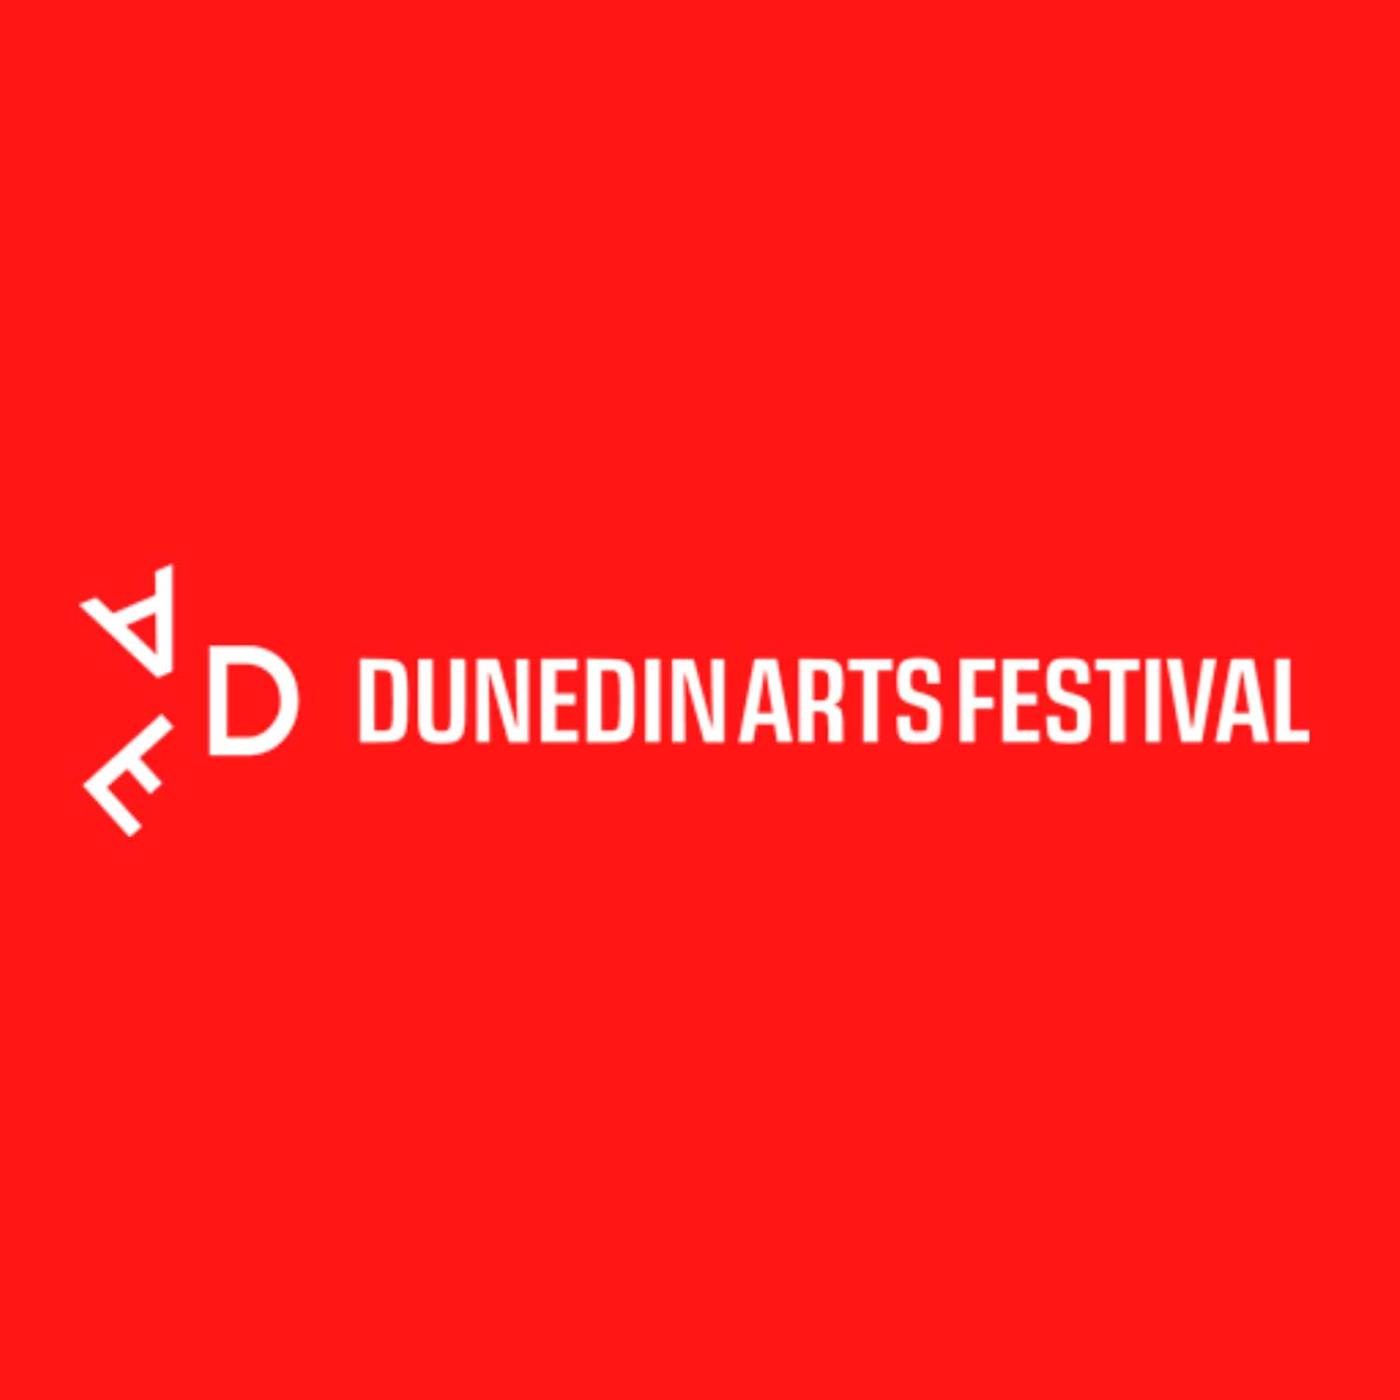 Dunedin Arts Festival Features